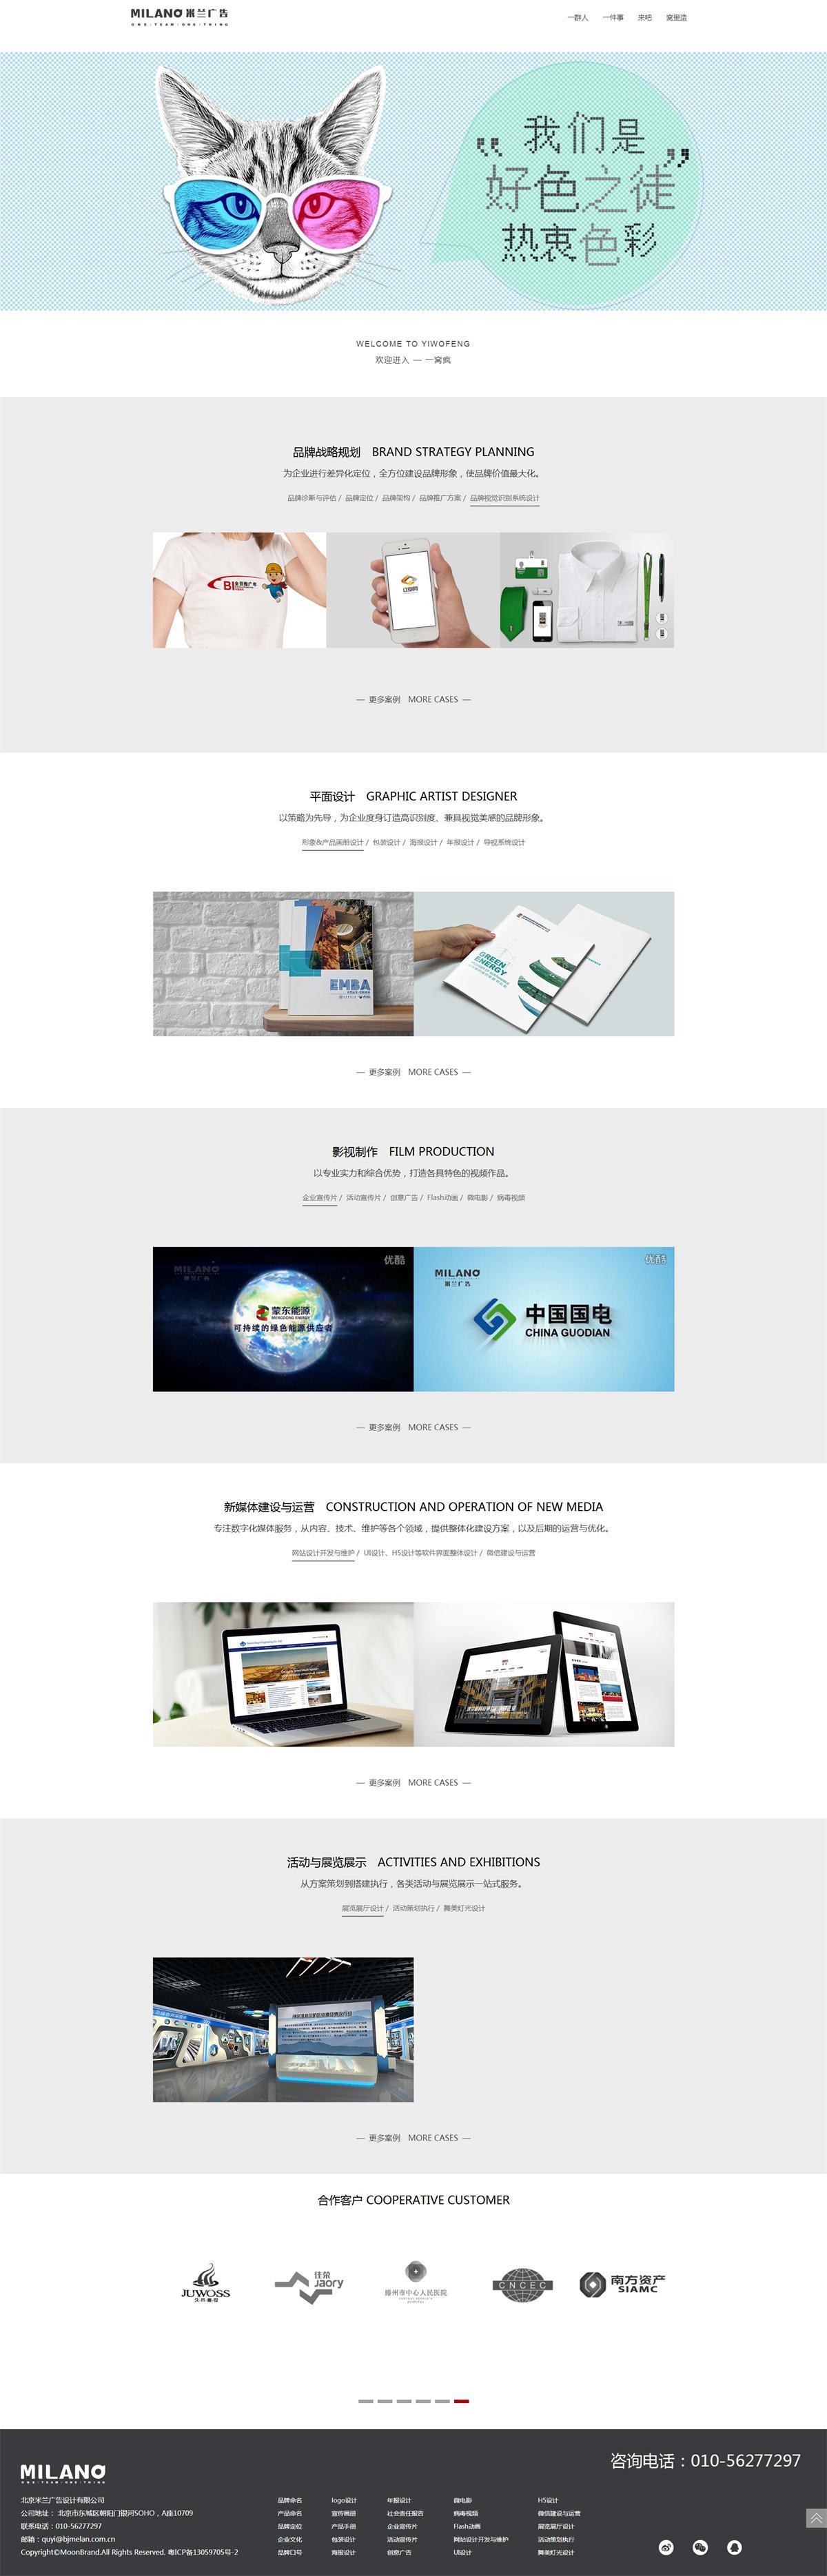 北京安定网站建设公司